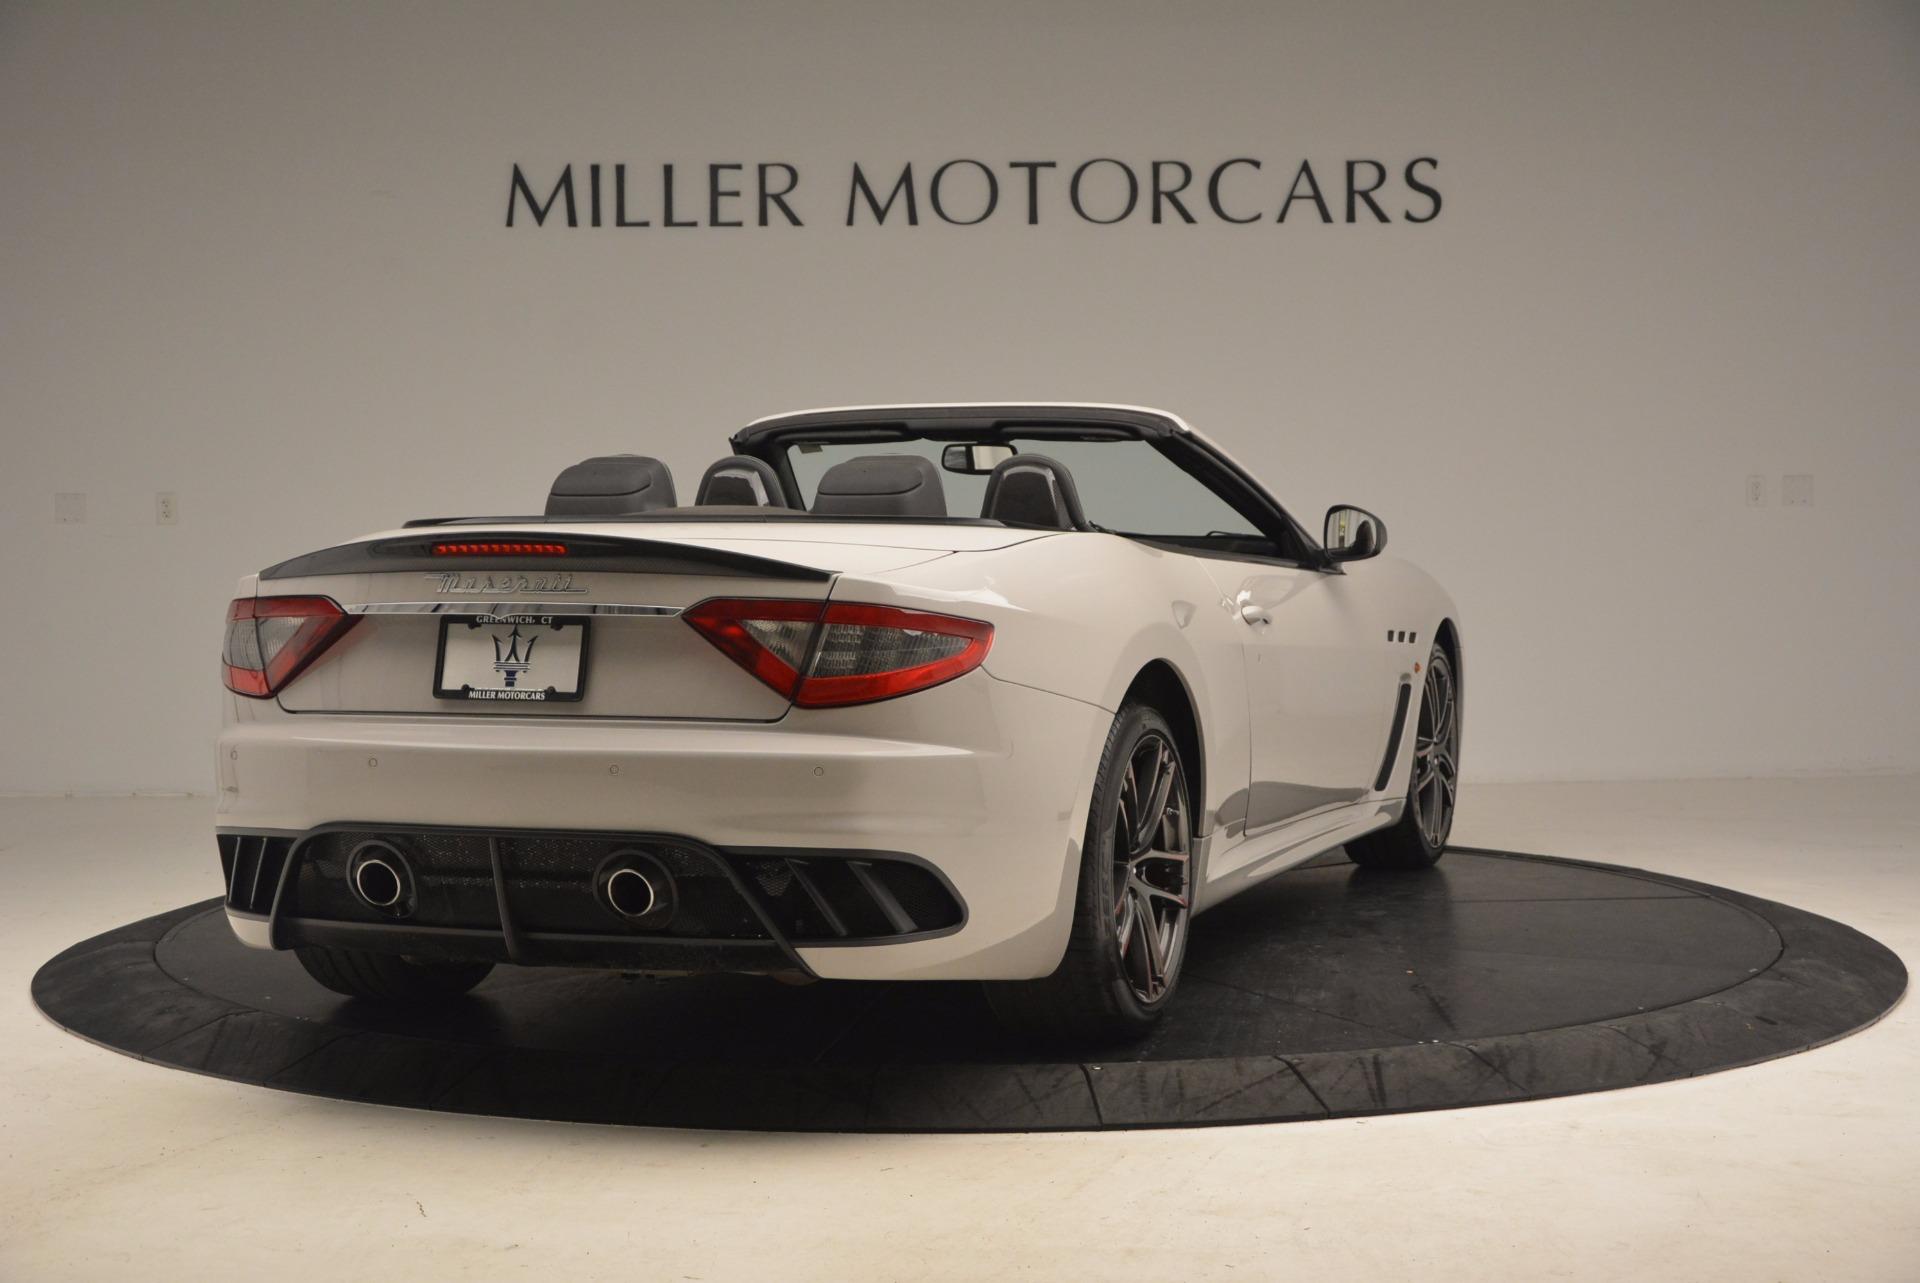 Used 2015 Maserati GranTurismo MC Centennial For Sale In Greenwich, CT. Alfa Romeo of Greenwich, 7187 1107_p7